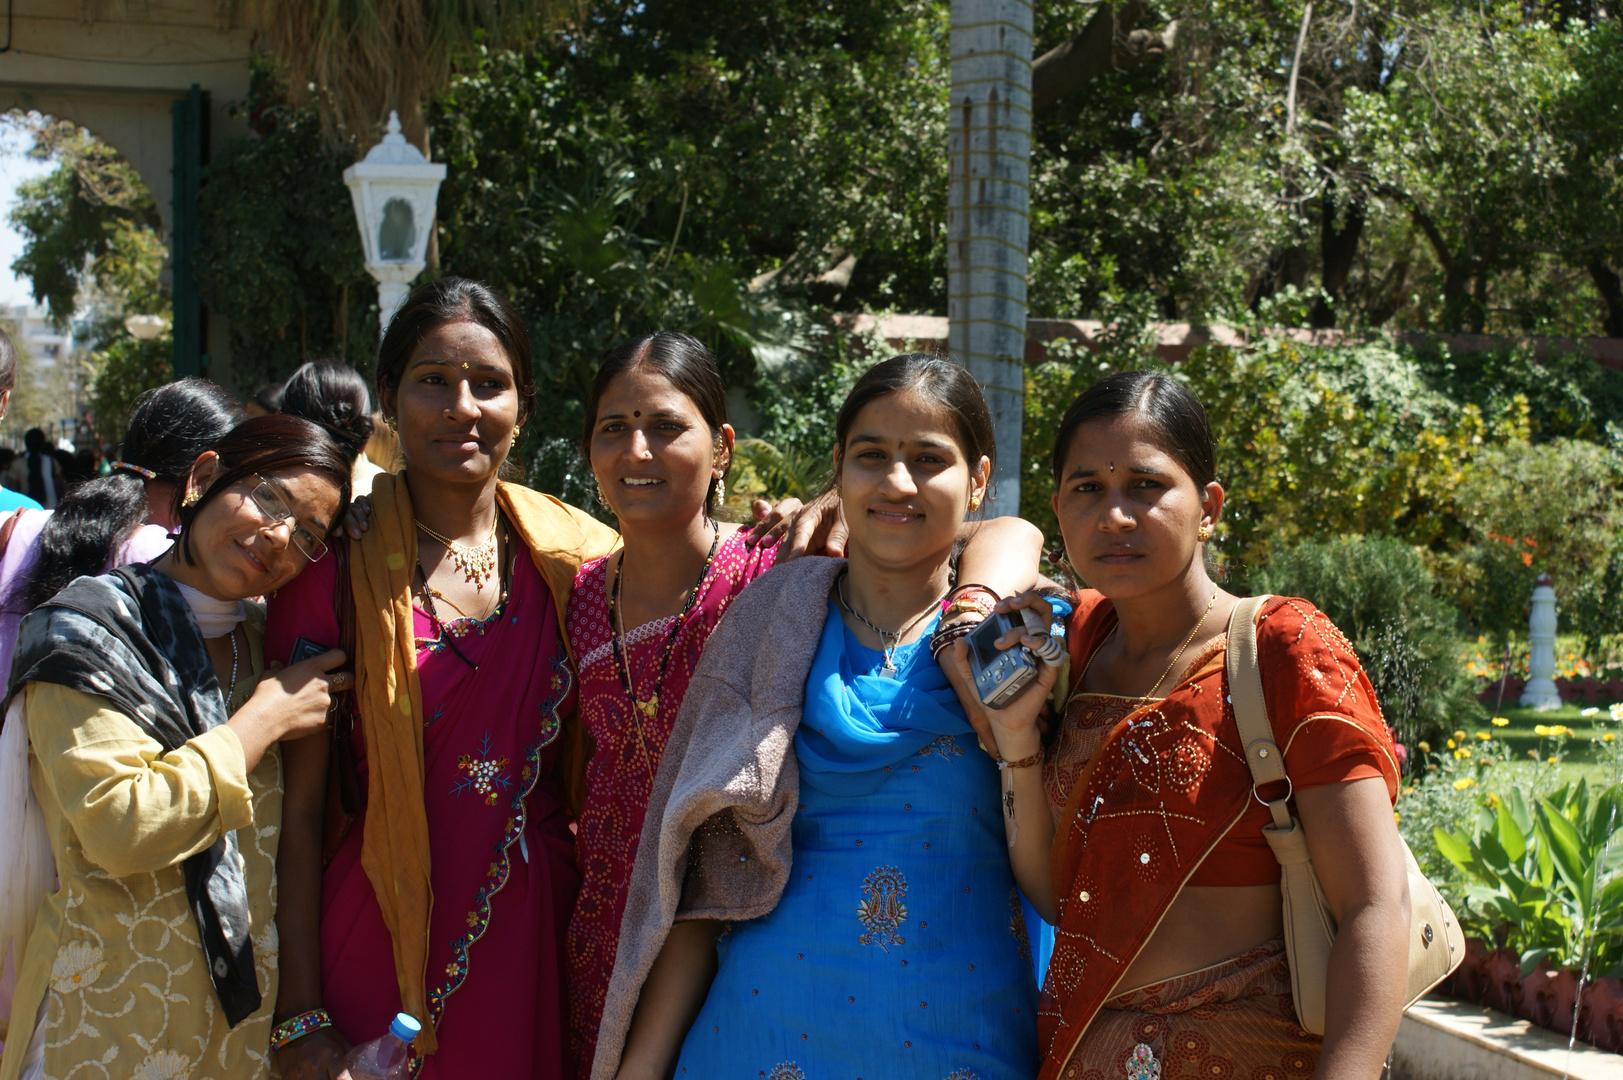 Indian Ladies in Saheliyon ki Bari Garden, Udaipur